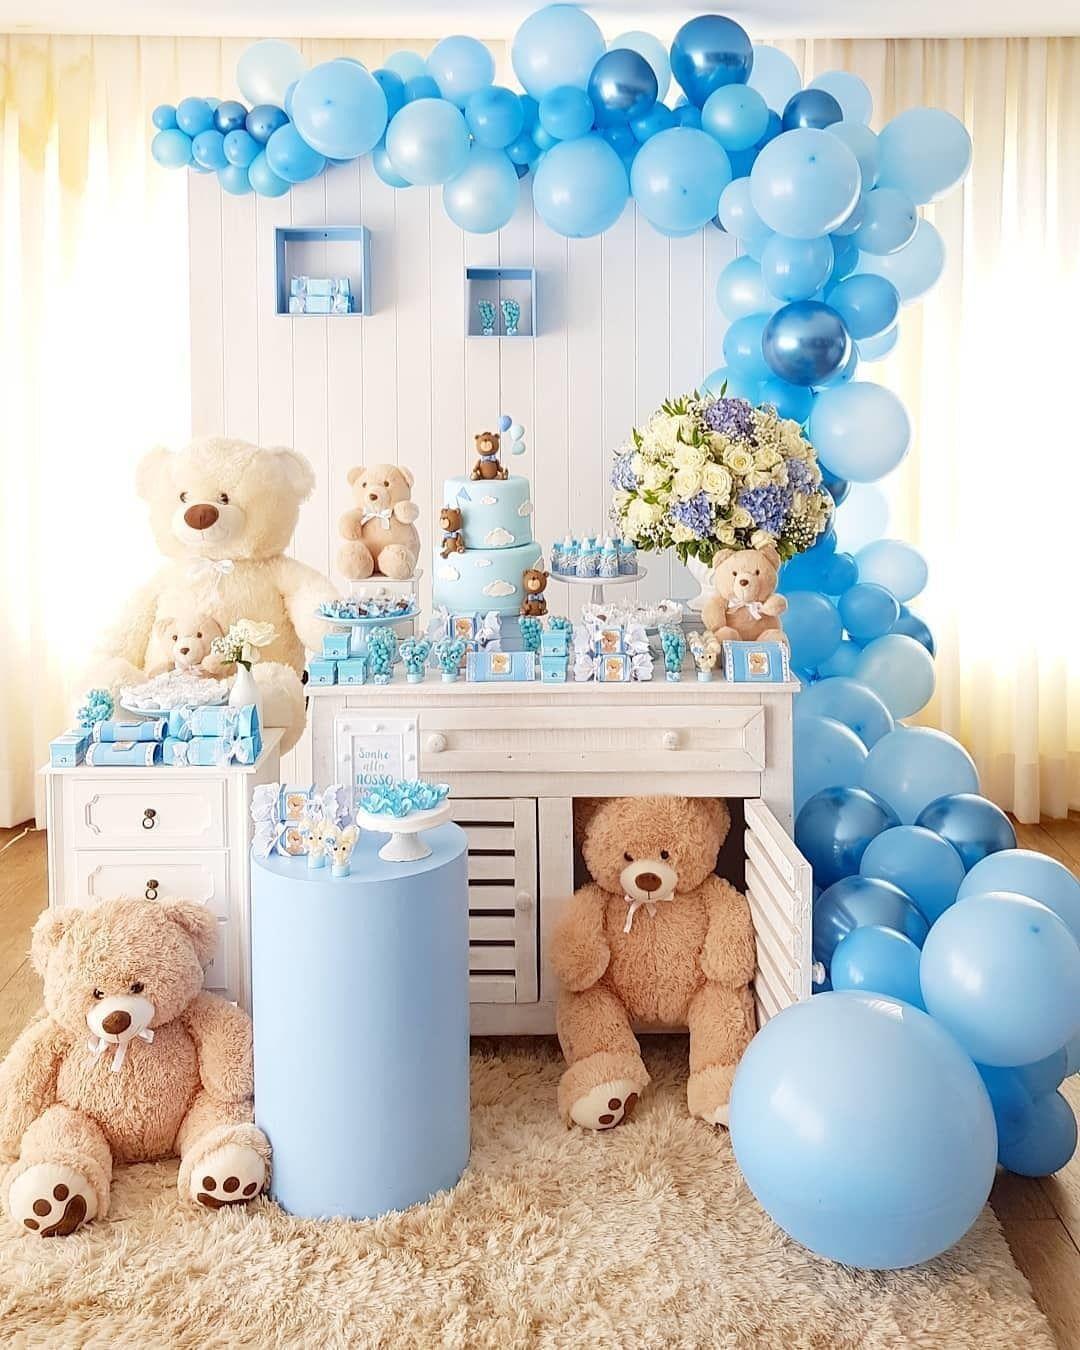 Tendencias Baby Shower 2019 : tendencias, shower, Definitivamente, #osos, #tendencia, Decorac…, Decoración, Fiestas, Infantiles,, Decoraciones, Shower, Niños,, Temas, Niño